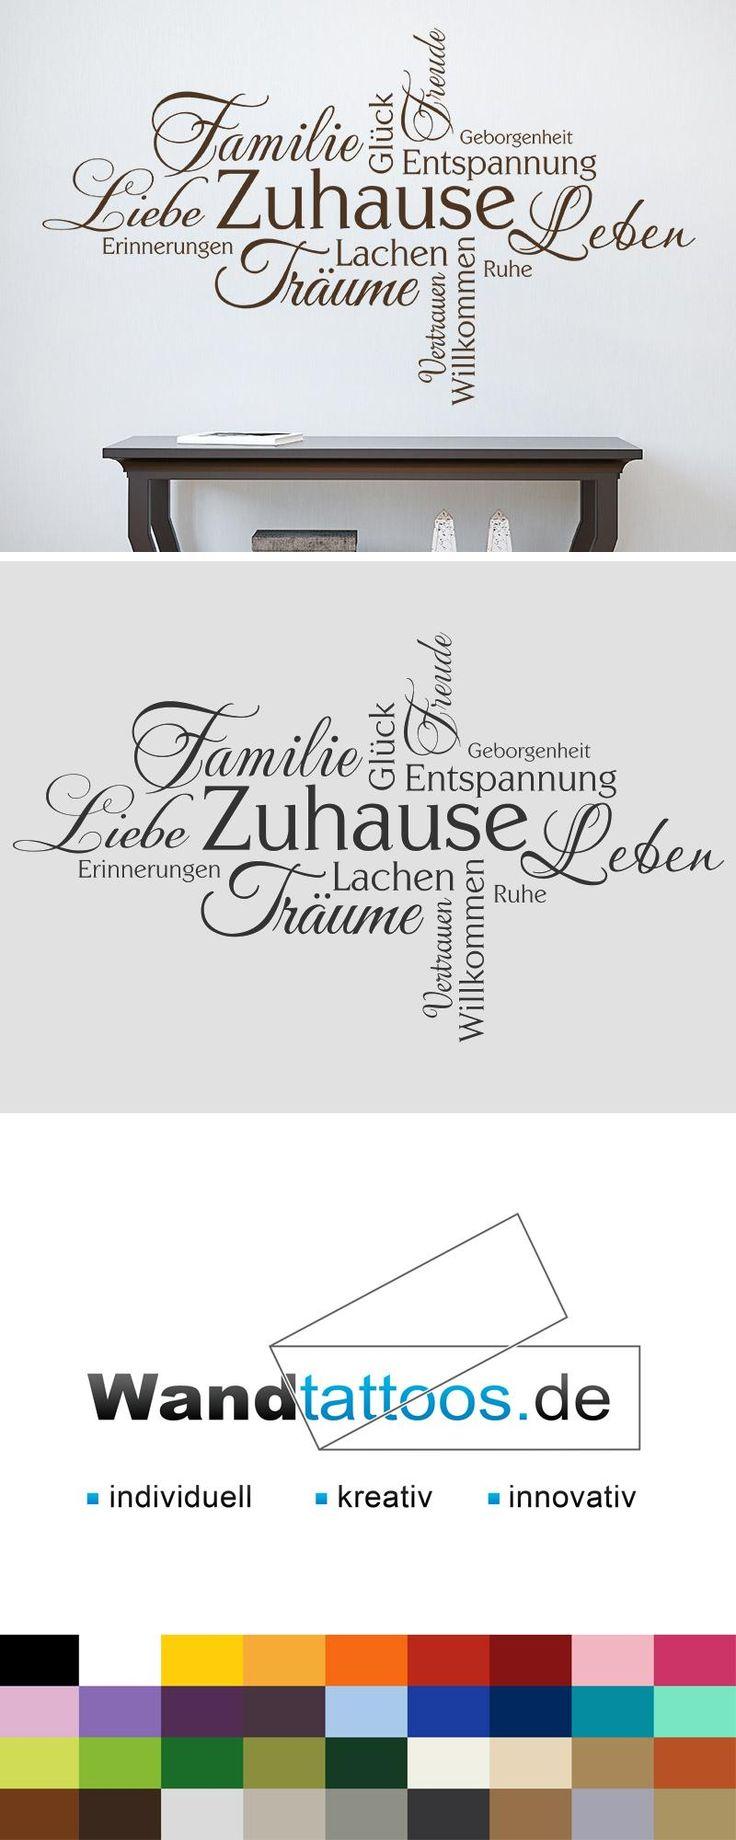 Wandtattoo Zuhause Wortwolke als Idee zur individuellen Wandgestaltung. Einfach Lieblingsfarbe und Größe auswählen. Weitere kreative Anregungen von Wandtattoos.de hier entdecken!